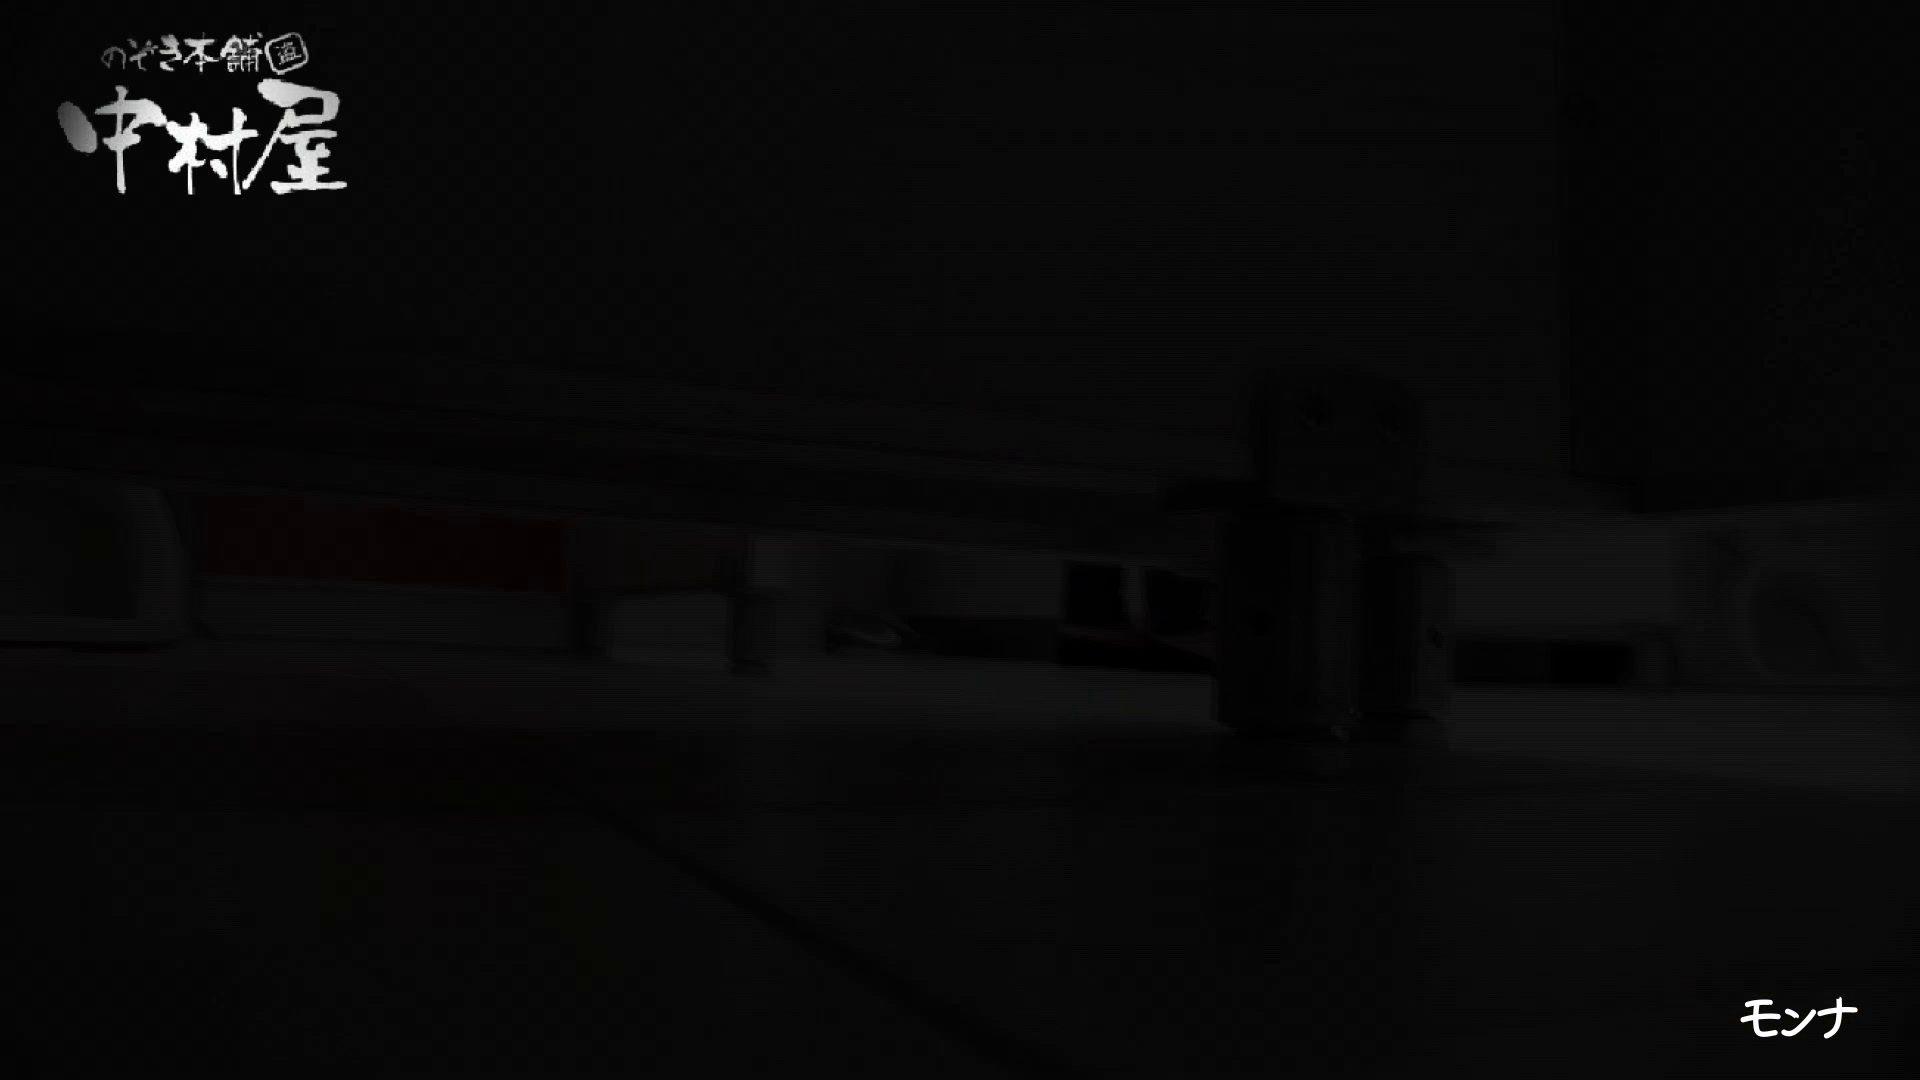 【美しい日本の未来】美しい日本の未来 No.38 久しぶり、復活しようかなあ?^^ by モンナ おまんこ特別編 | 超エロギャル  83枚 6